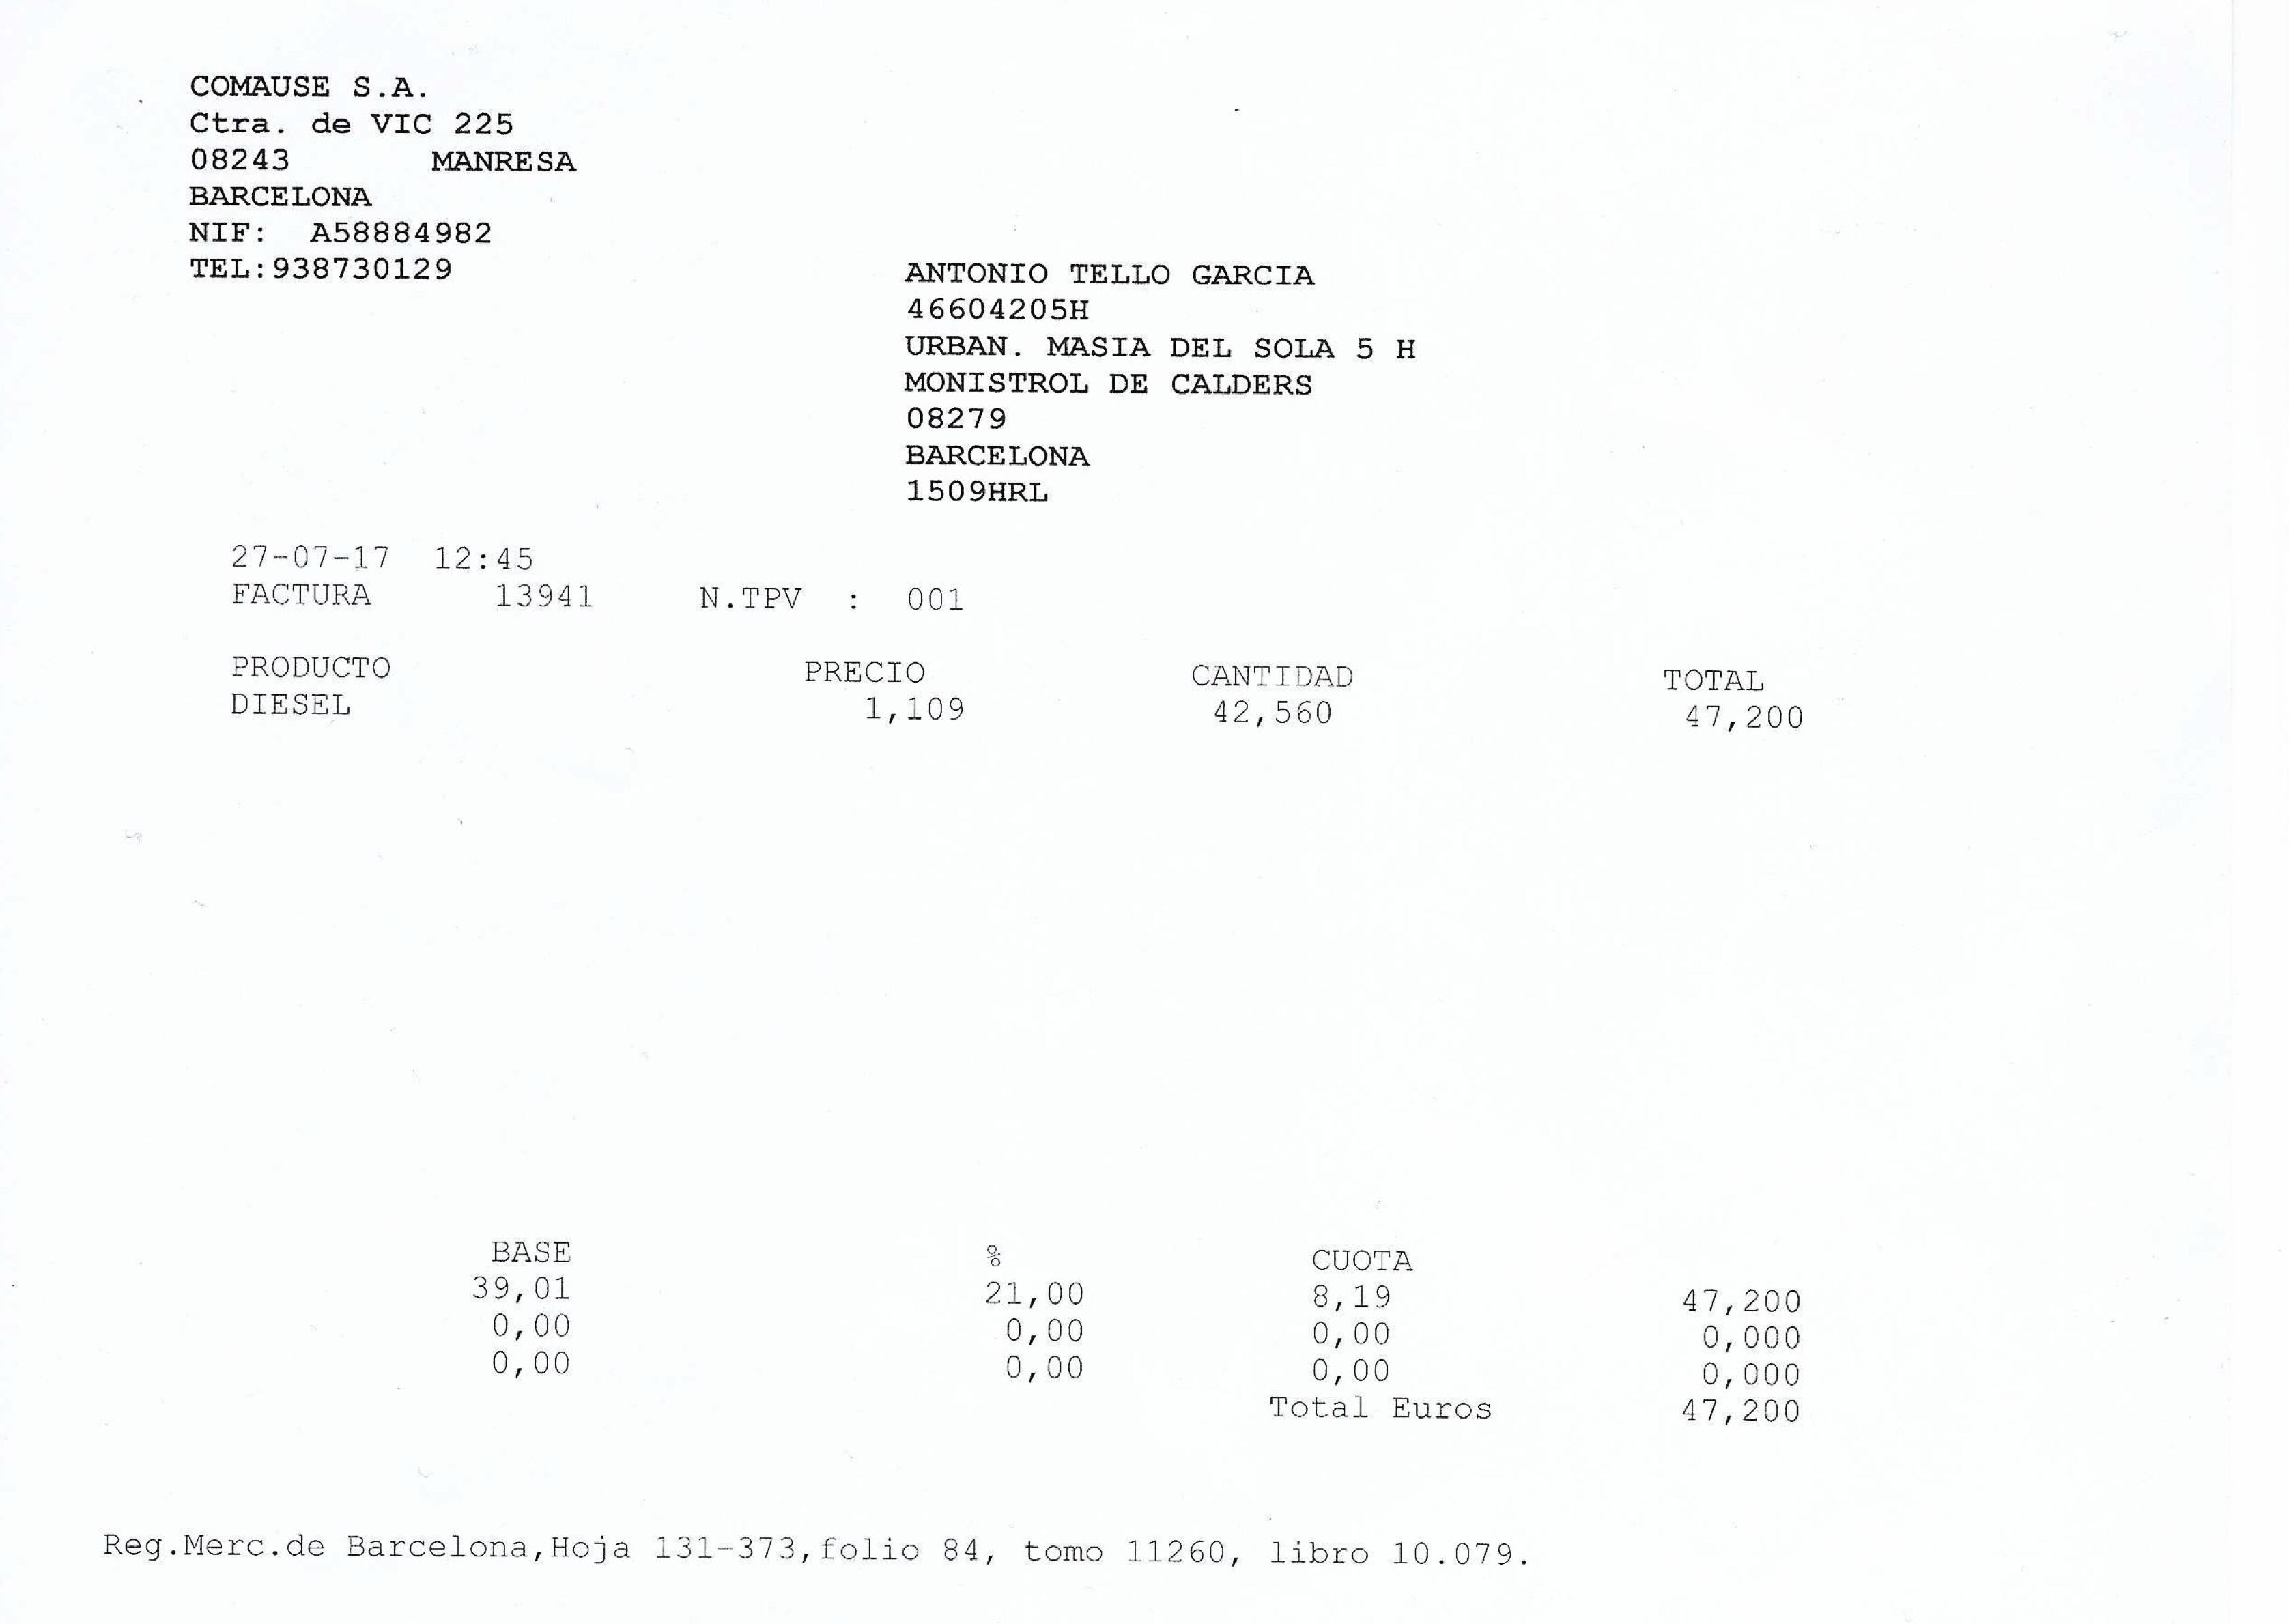 cómo registrar las facturas de gasolina si utilizo el coche para mi